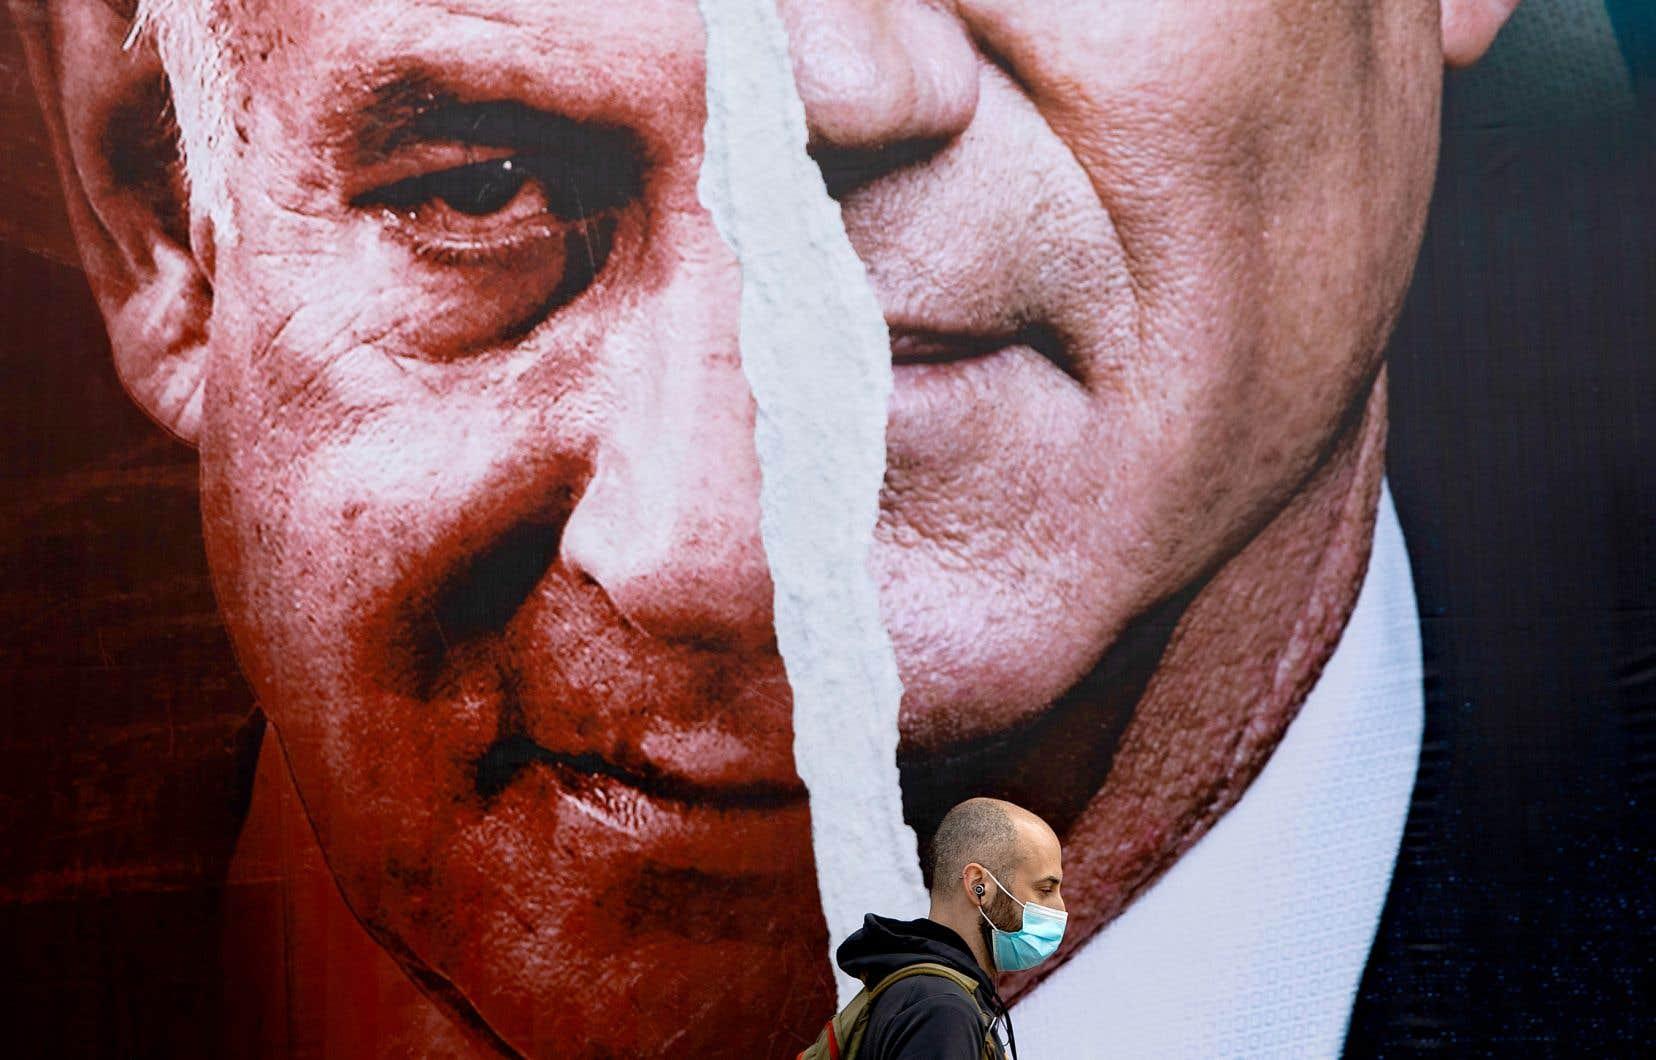 Malgré le ralliement contre l'actuel premier ministre annoncé dimanche, rien n'est encore fait pour le chef de l'opposition israélienne, Yaïr Lapid, qui a encore 4 députés à convaincre pour former une coalition de 61 élus capable de tourner la page de l'ère Nétanyahou. Sinon, d'ici mercredi soir, une cinquième élection en deux ans pourrait être déclenchée.